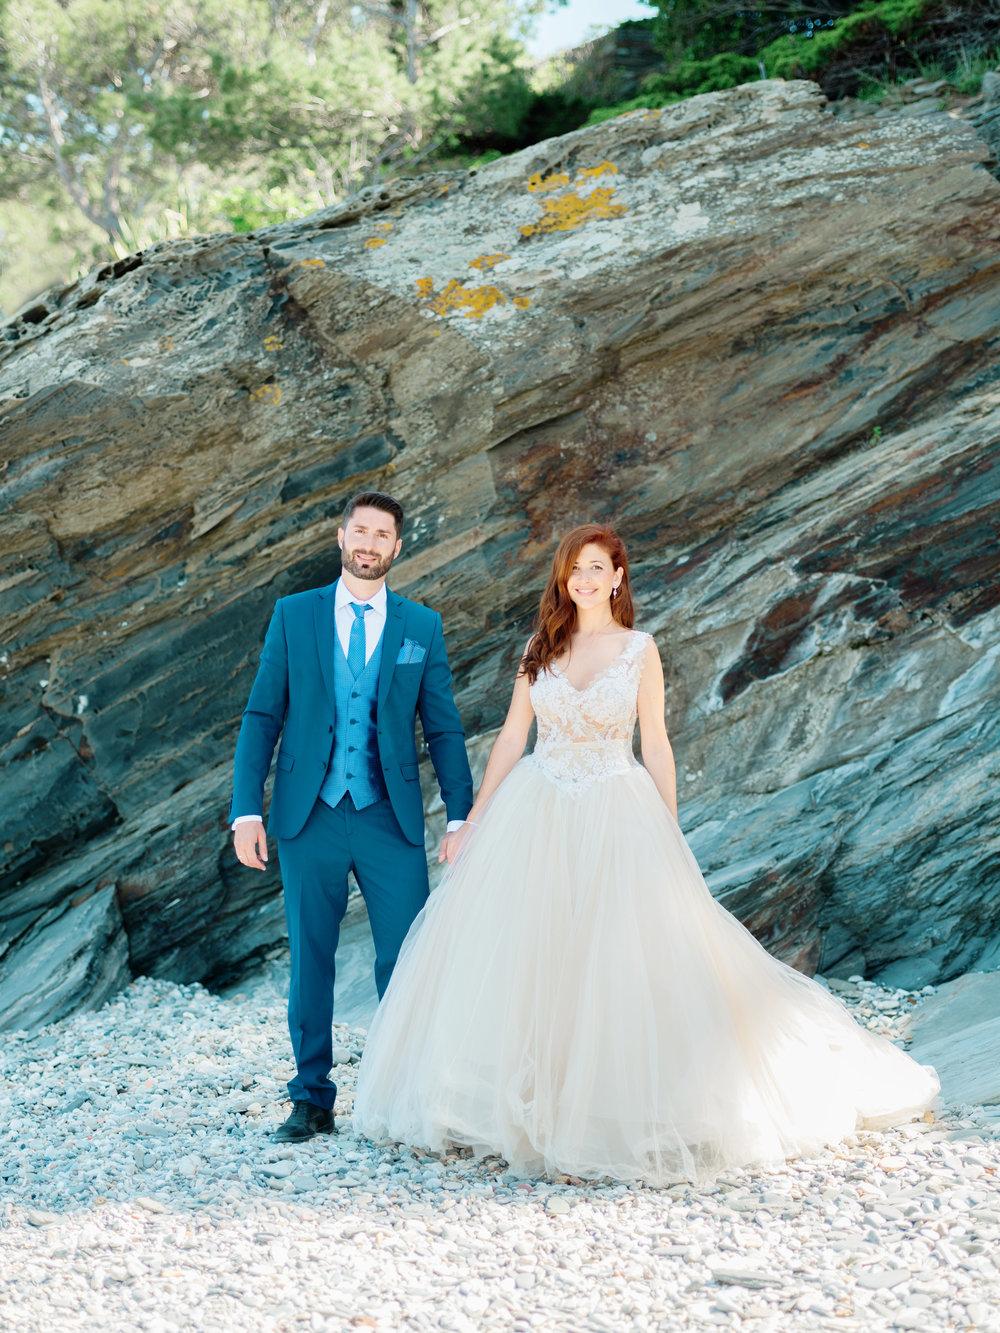 fotografia bodas cadaques19.jpg